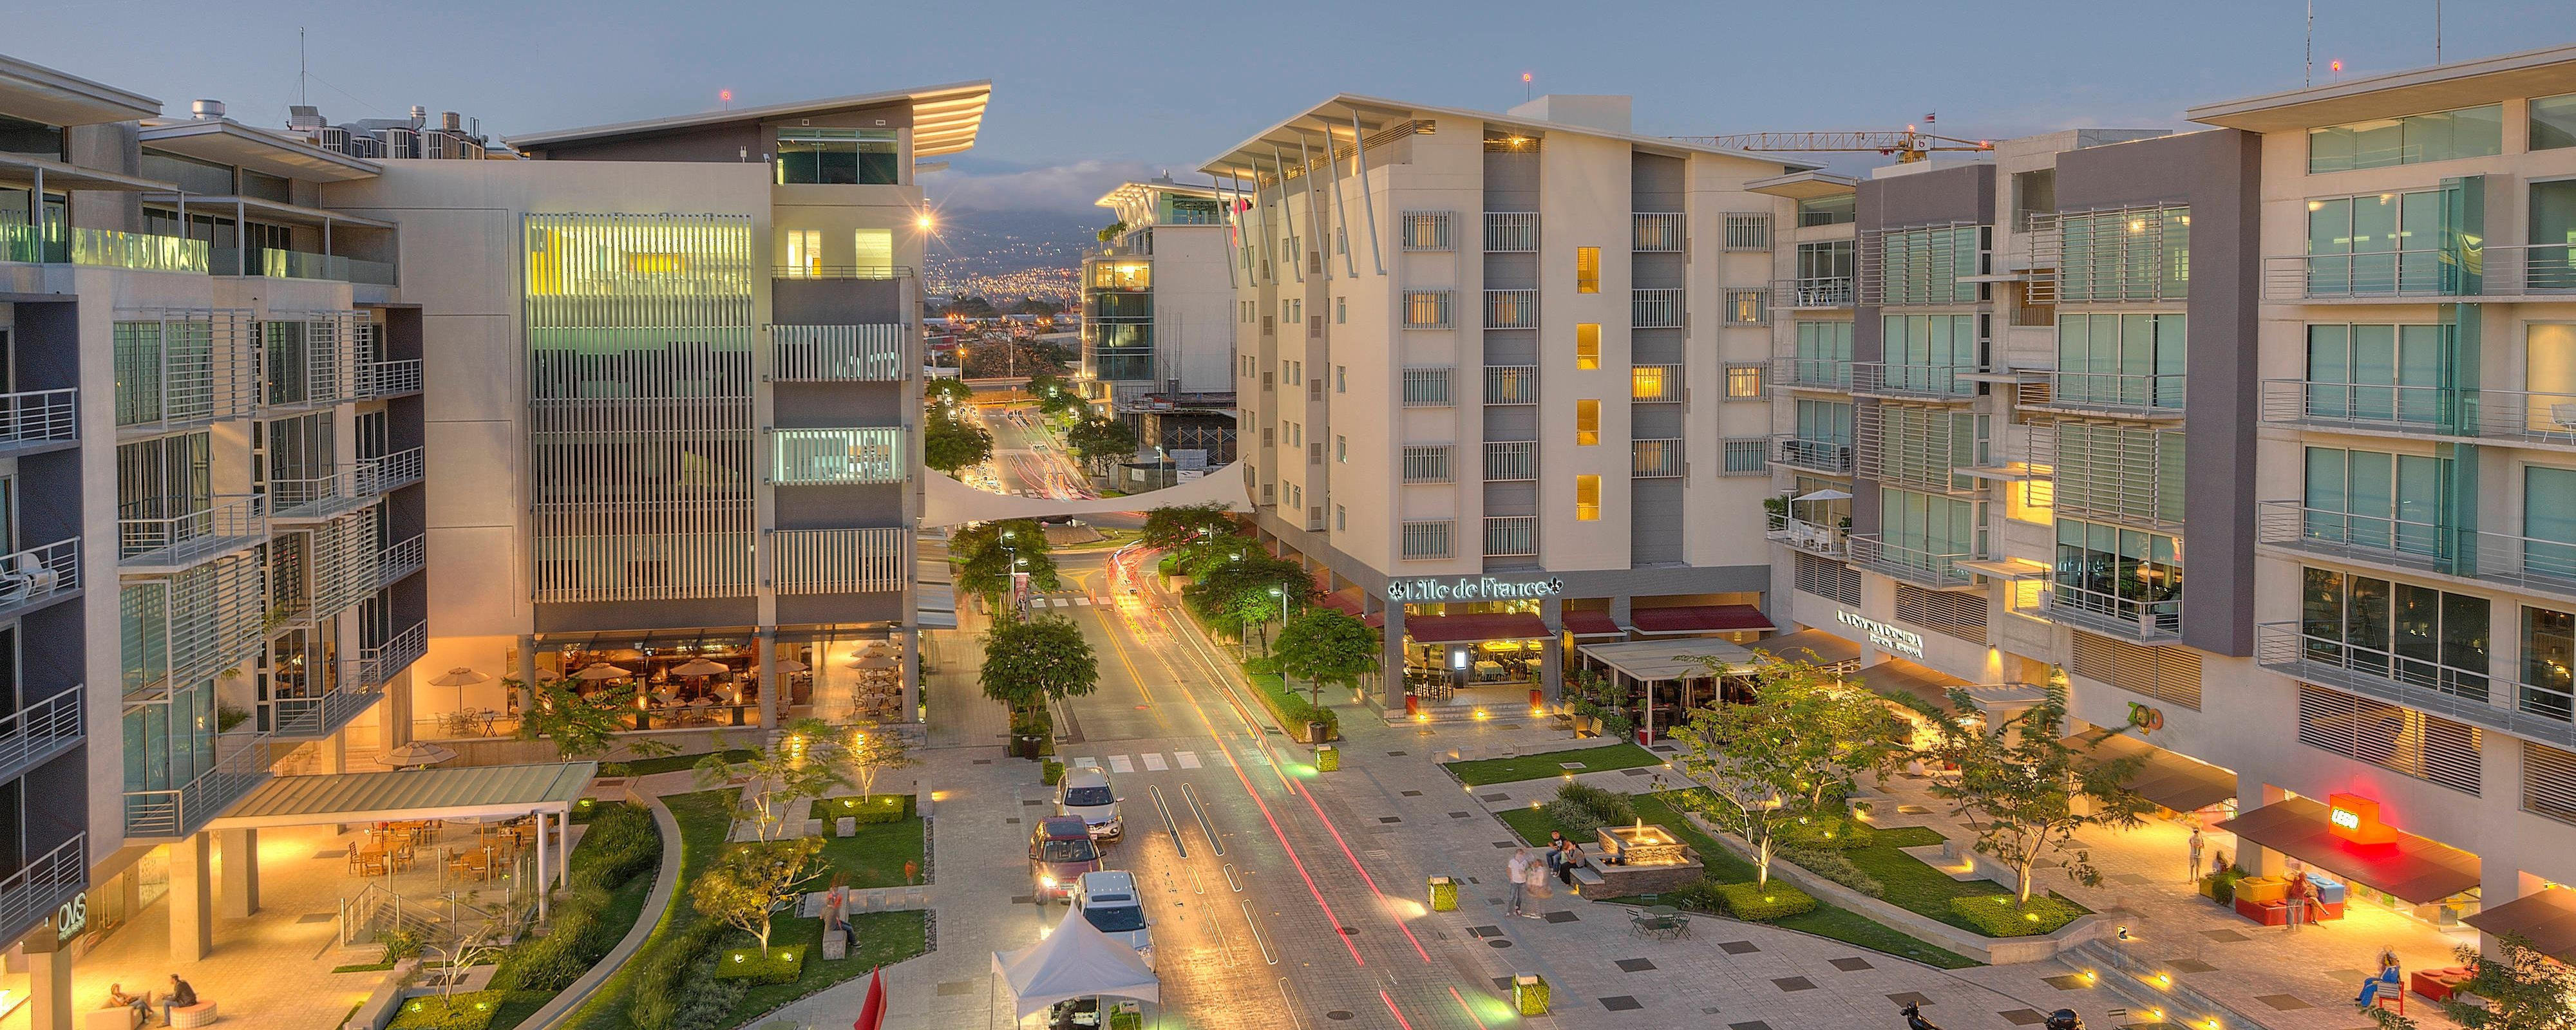 Hotels Near Multiplaza Escazu Costa Rica